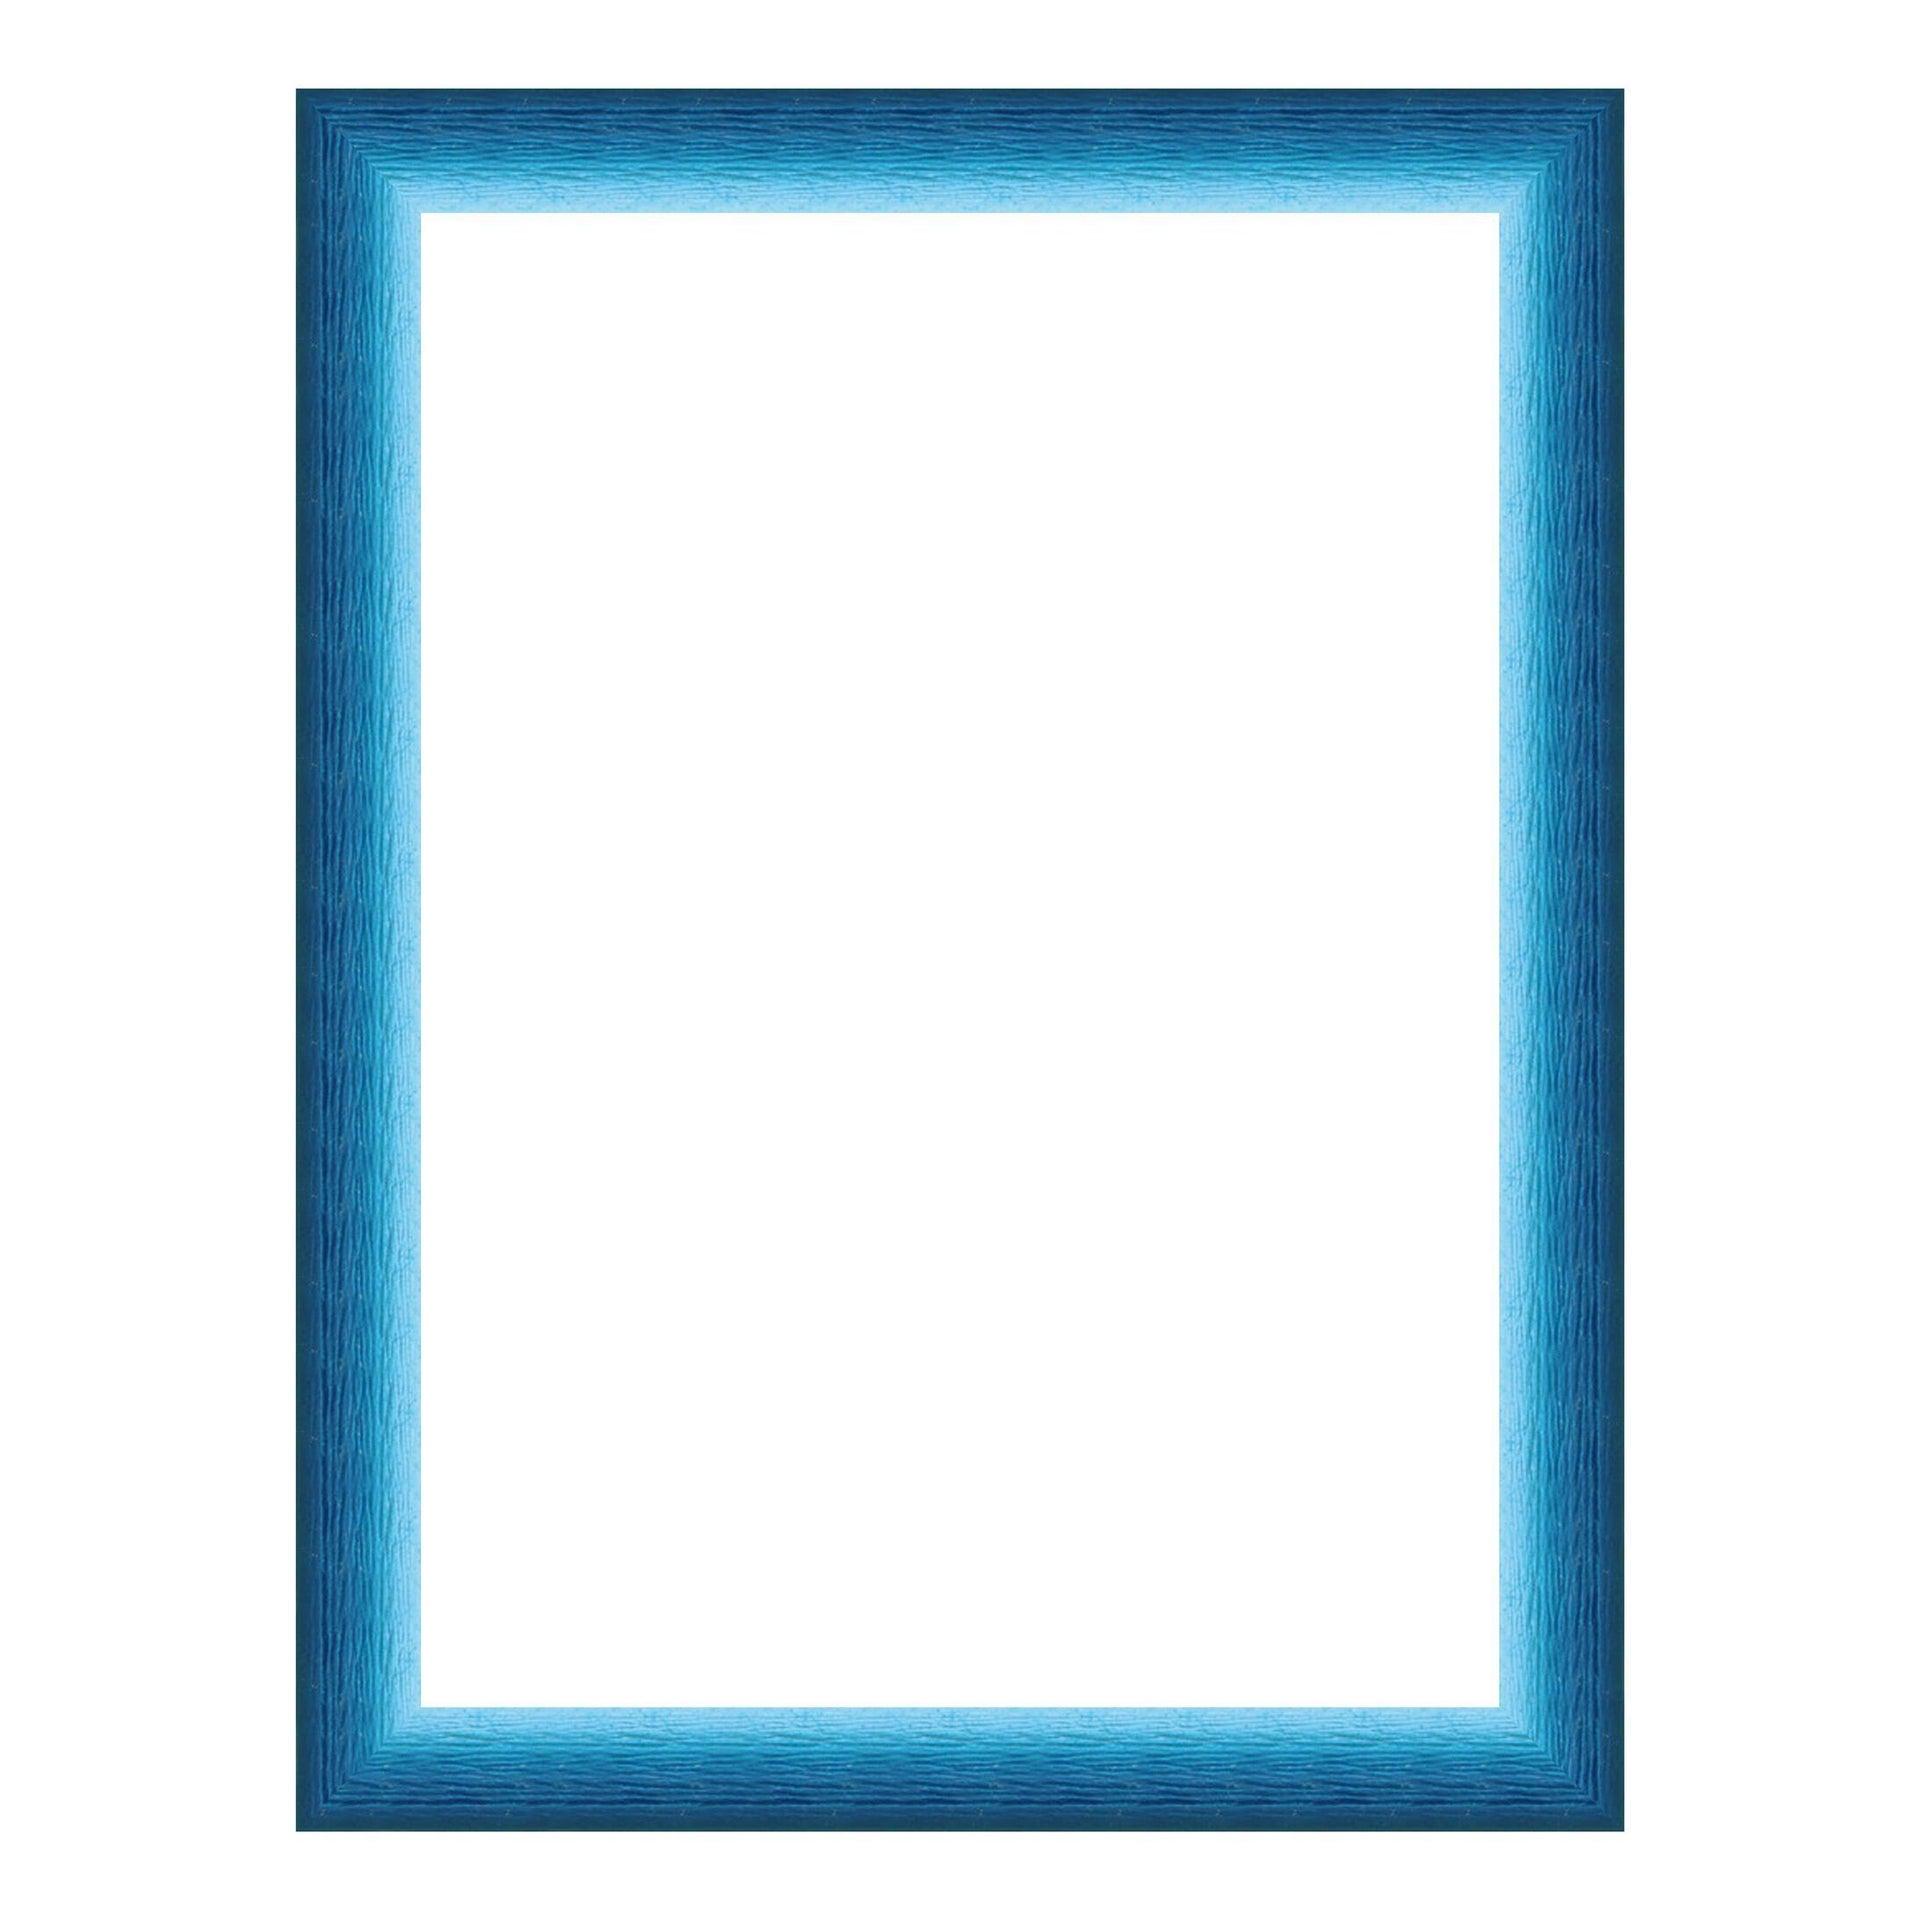 Cornice INSPIRE Bicolor azzurro<multisep/>blu per foto da 10x15 cm - 1